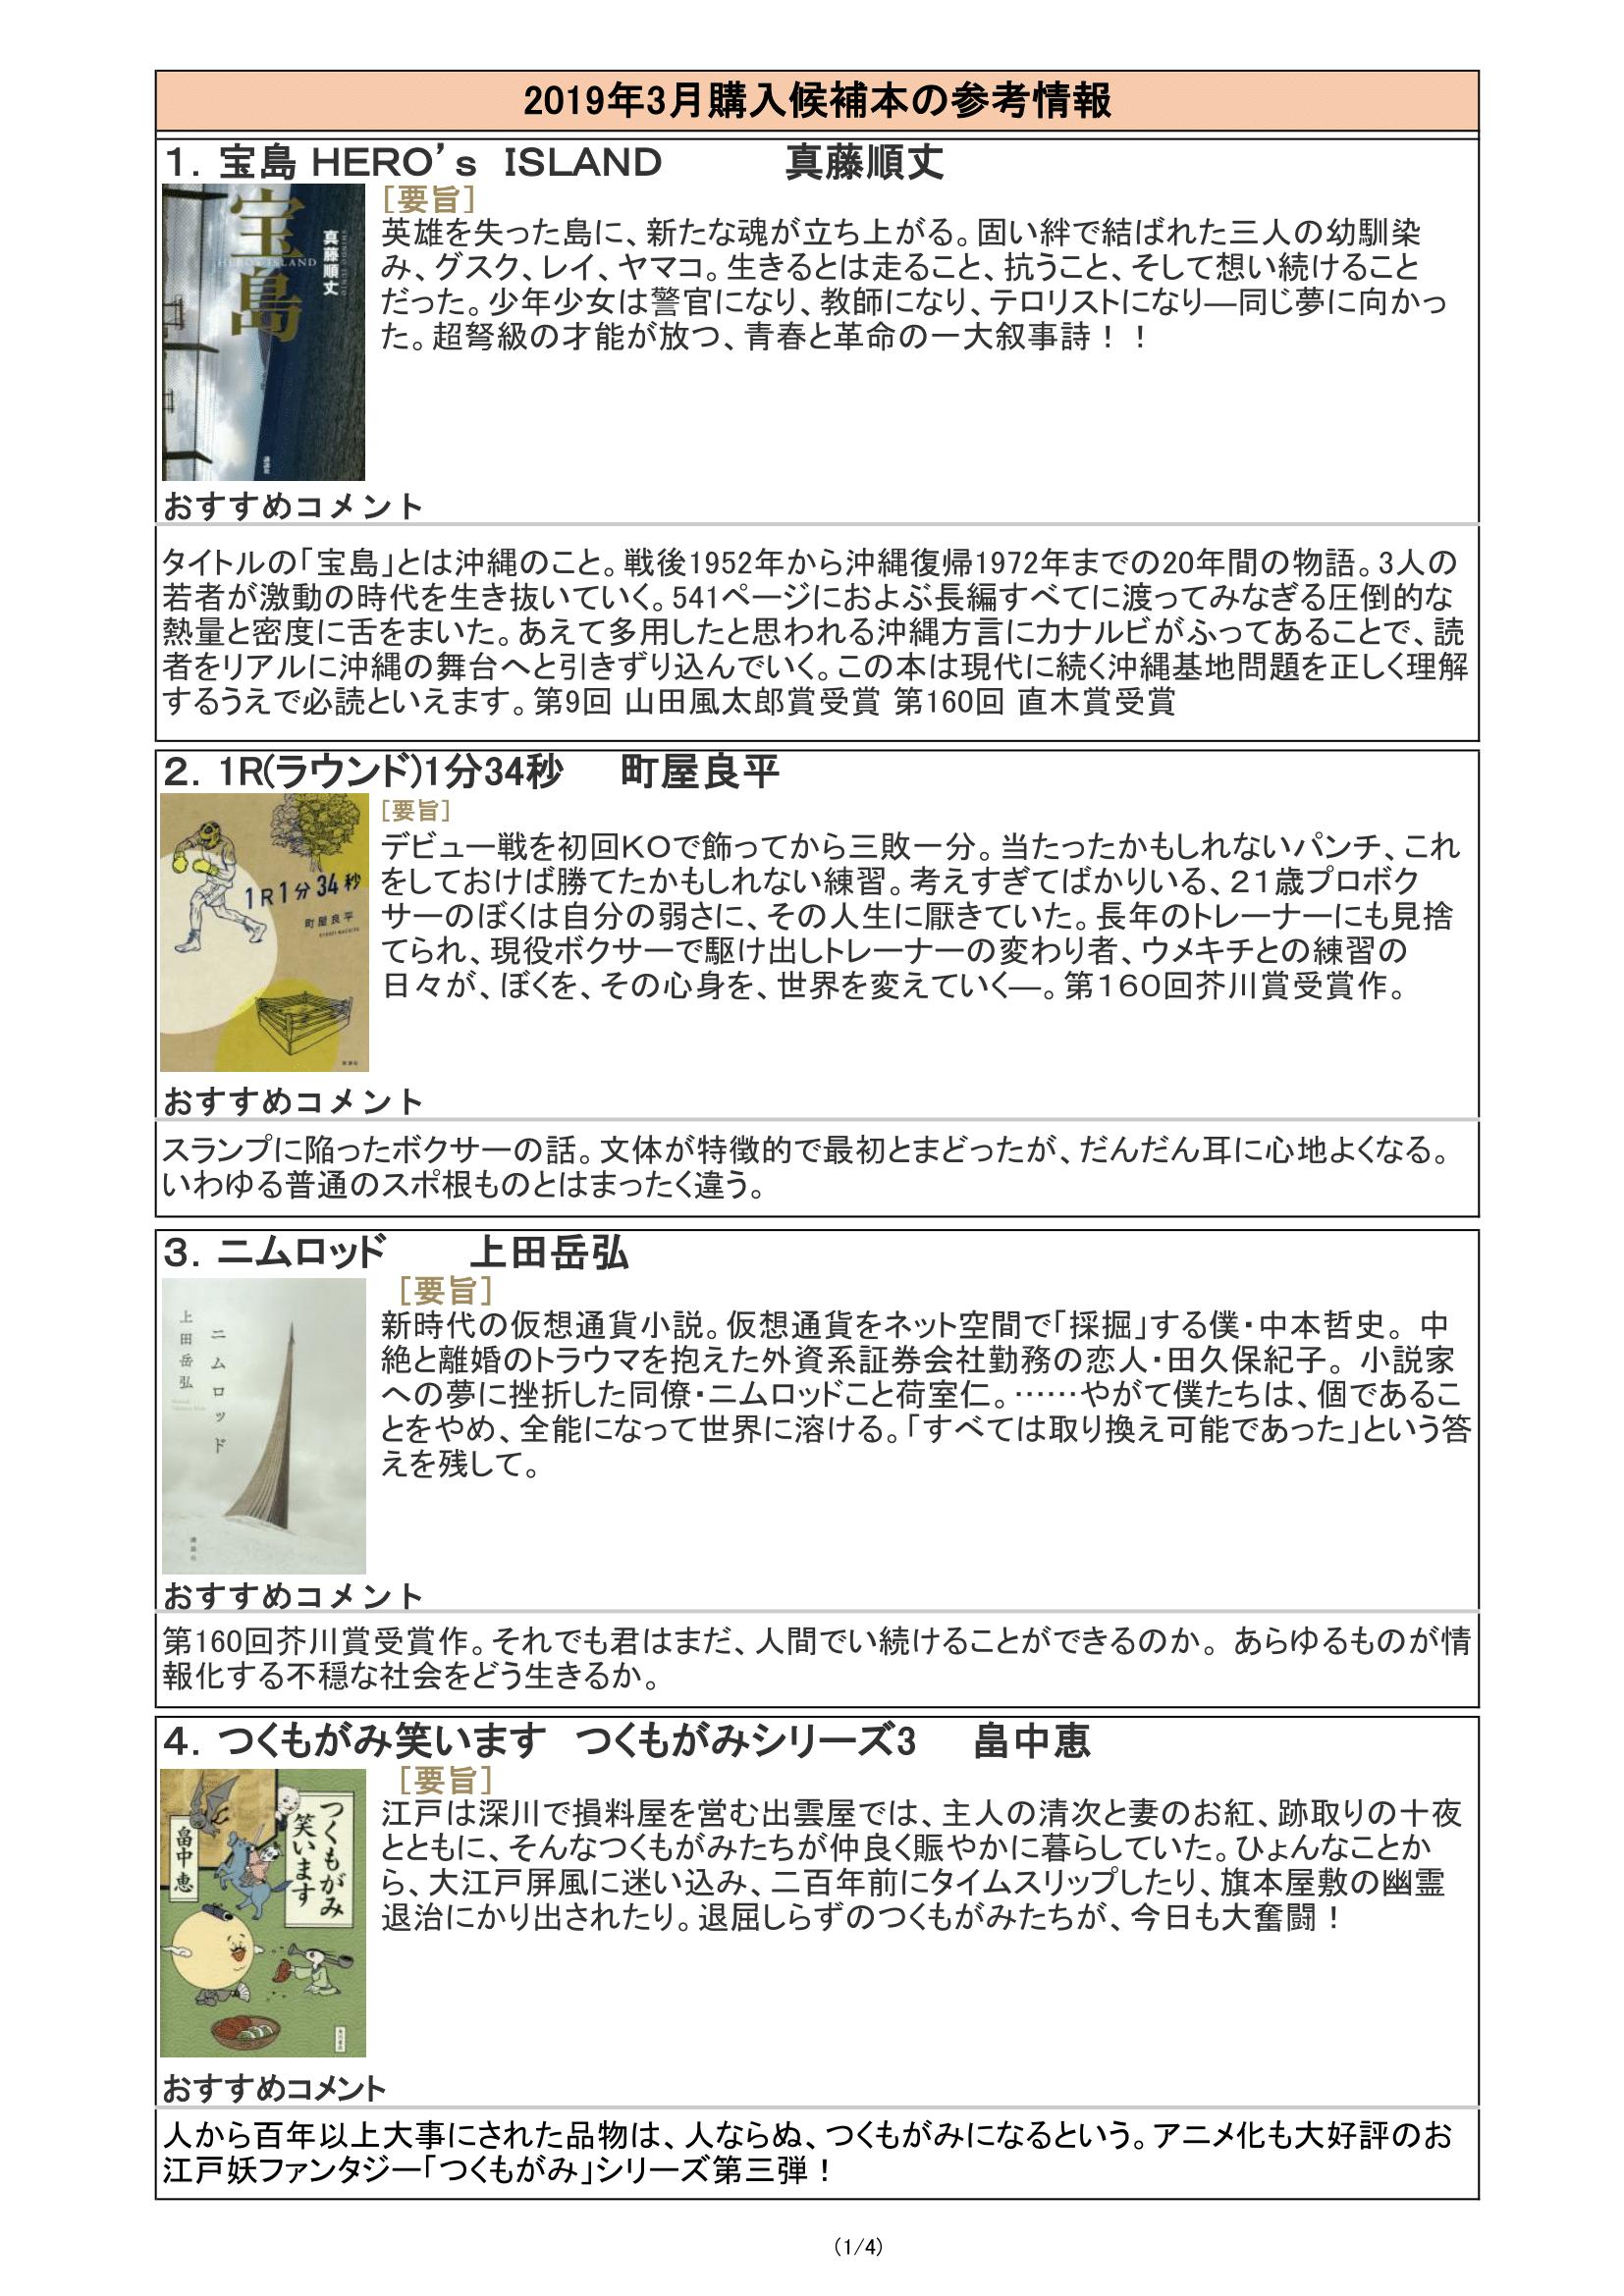 配架本紹介2019年3月分-1